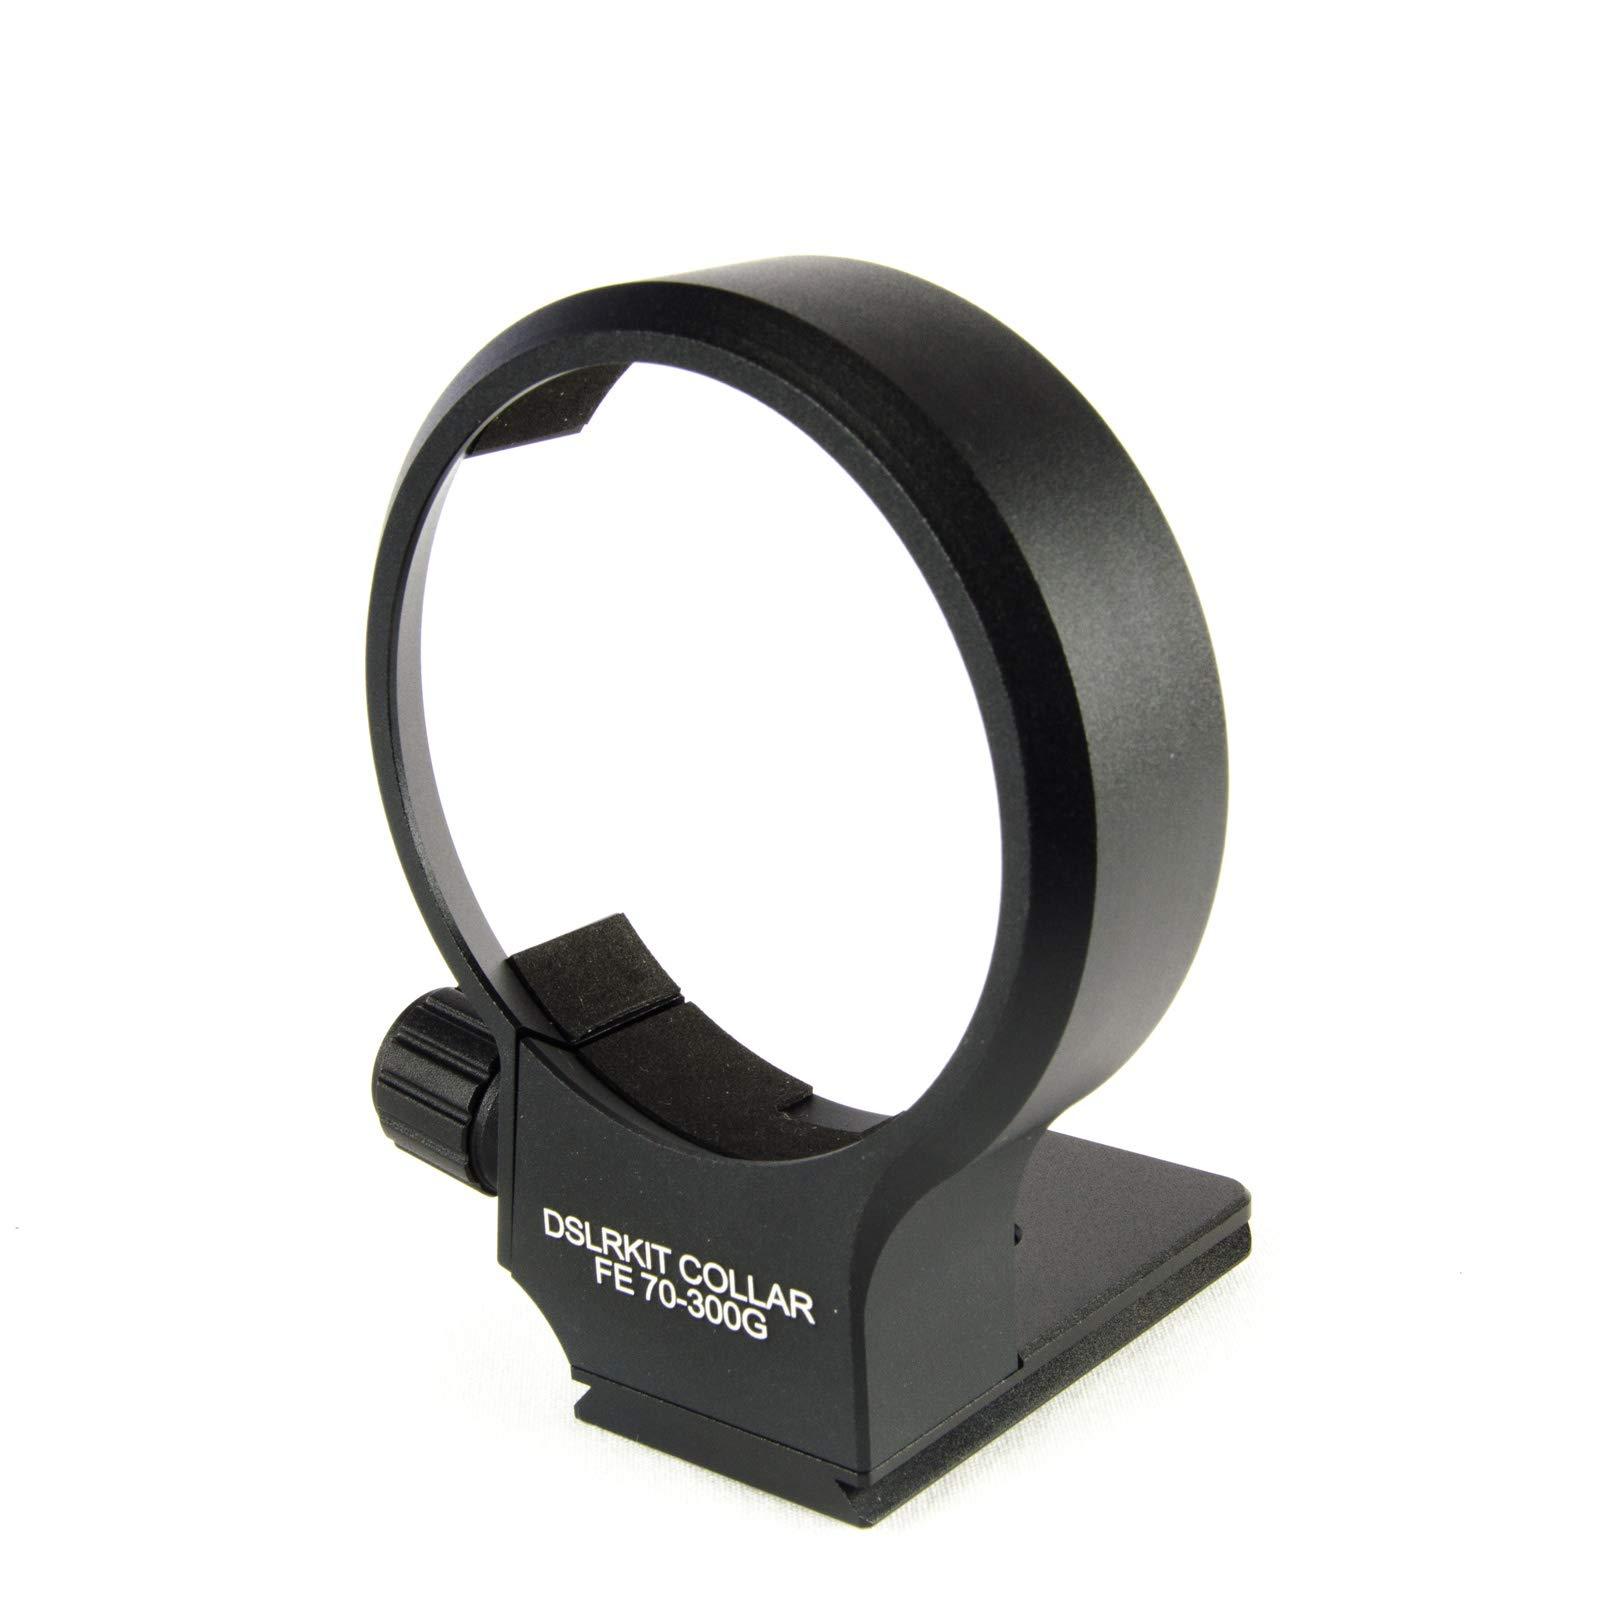 DSLRKIT Metal Tripod Mount Ring for Sony FE 70-300mm f/4.5-5.6 G OSS(SEL70300G) by DSLRKIT